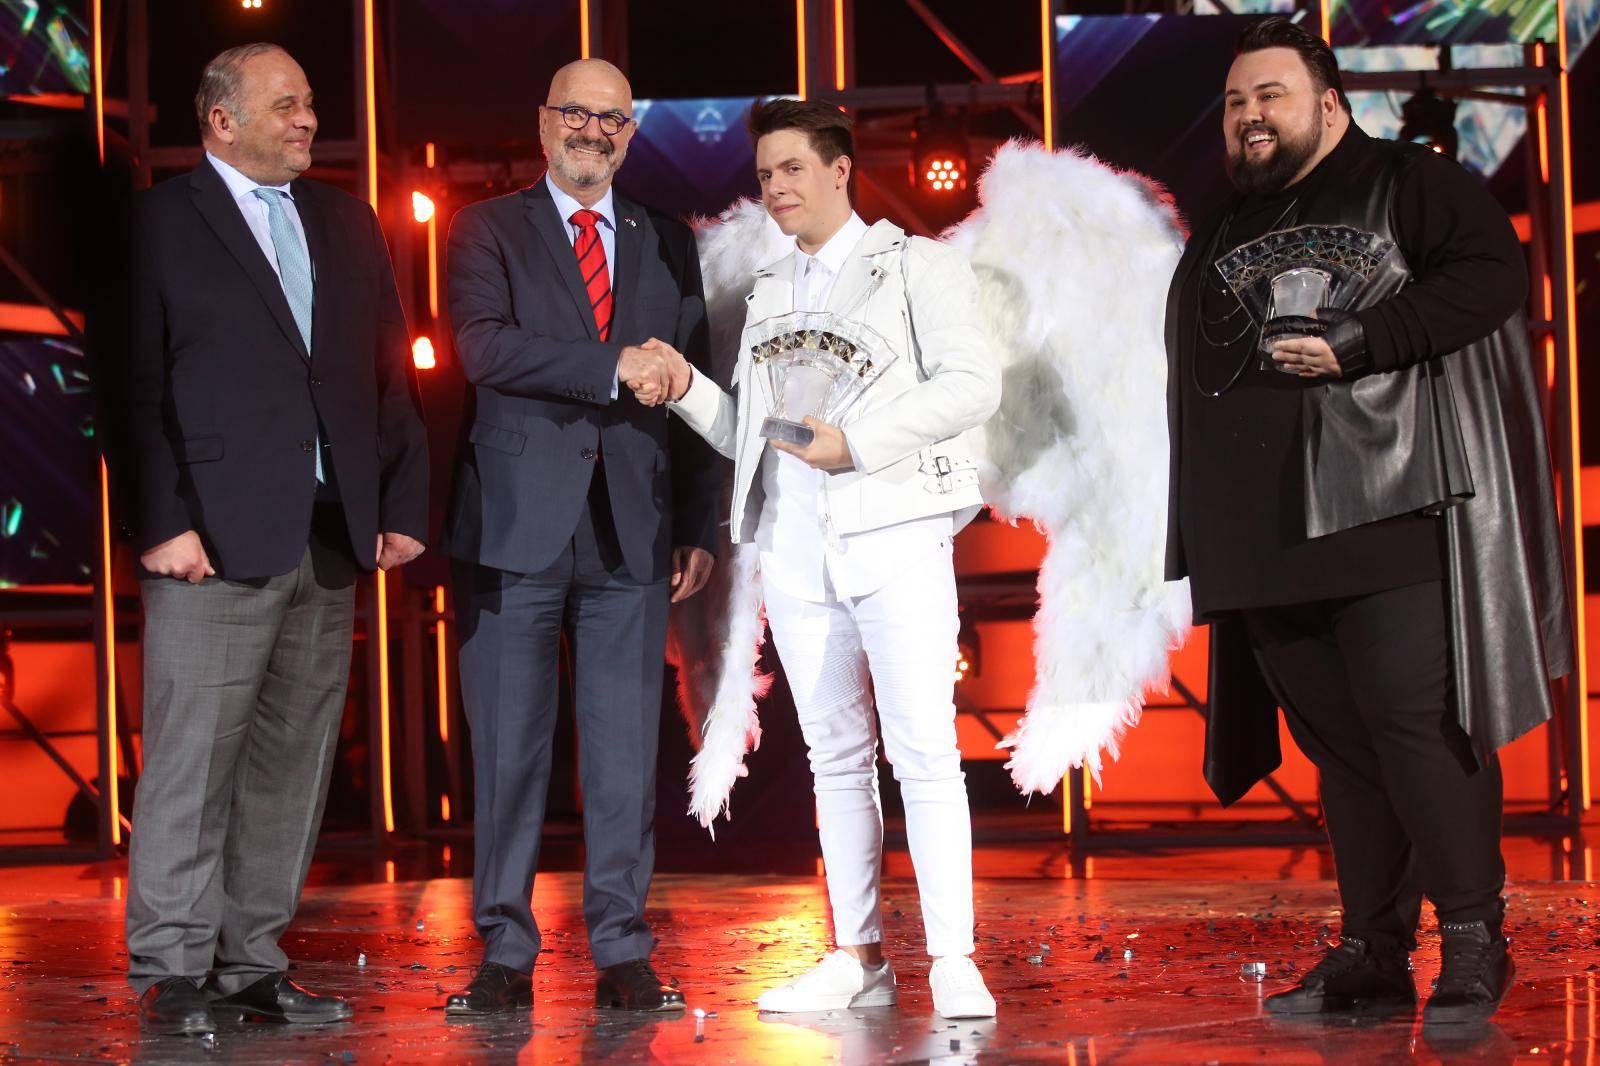 Opatija: Roko Blažević predstavljat će Hrvatsku na Eurosongu 2019.